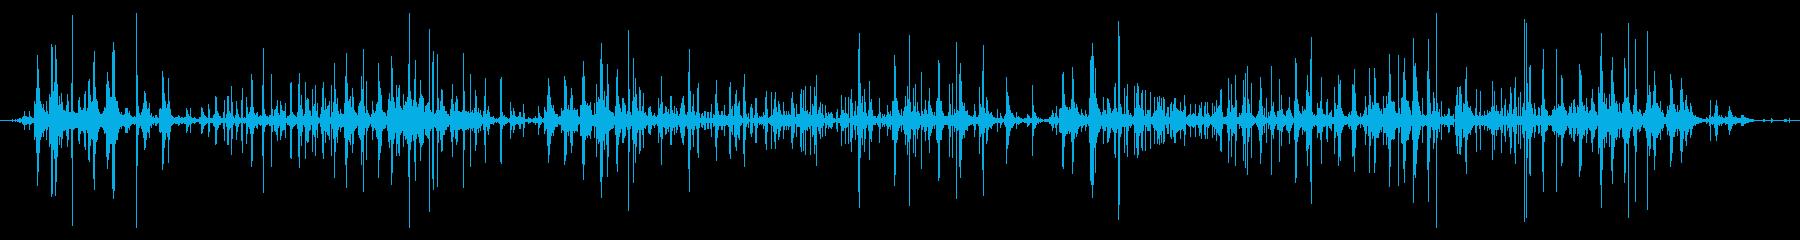 ネバネバ、ヌメヌメとした不気味な音C#5の再生済みの波形